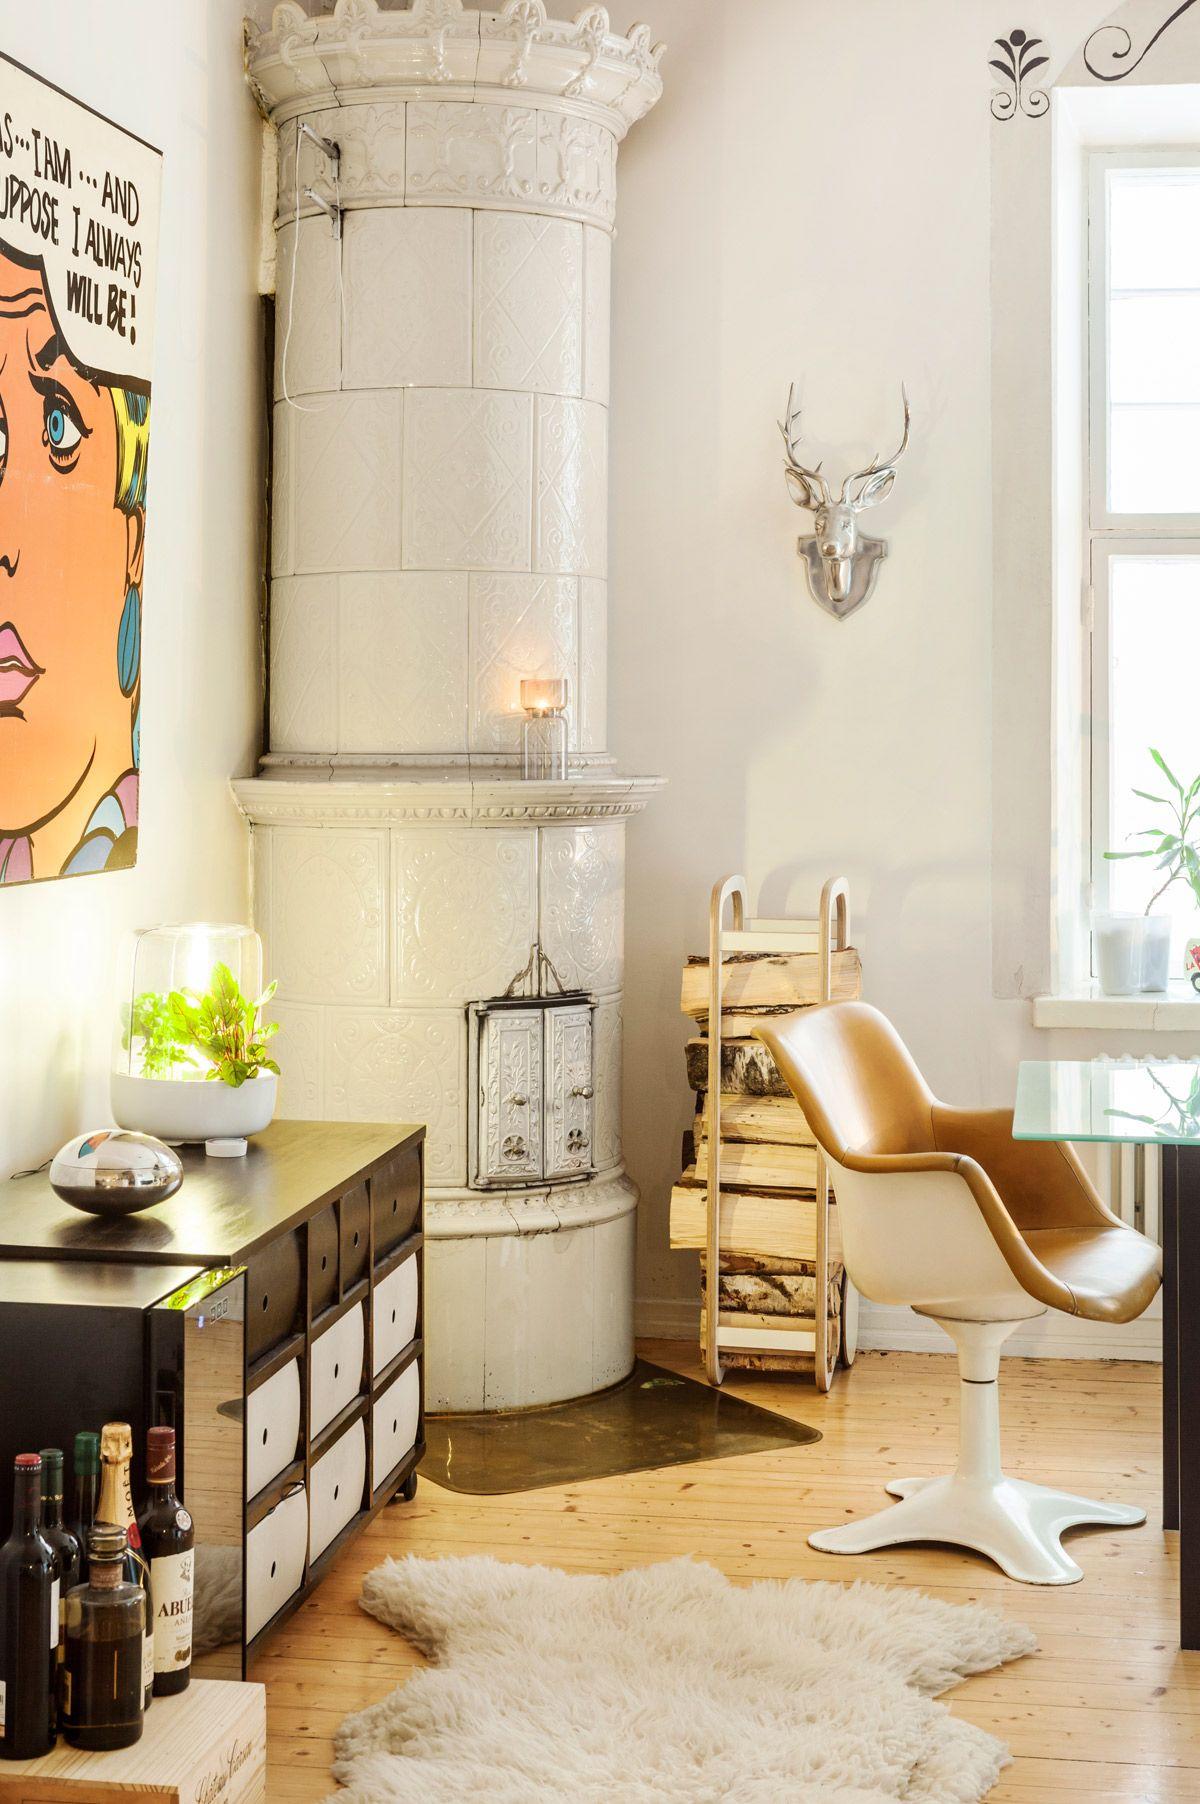 Muotoilijan kodikas kaupunkikotii: leikkisä, persoonallinen, sisustus, kerrostalo, kaupunkiasunto, erikoinen sisustus, koriste-esineet, pop-taide, scandinavian, interior, design, decorative